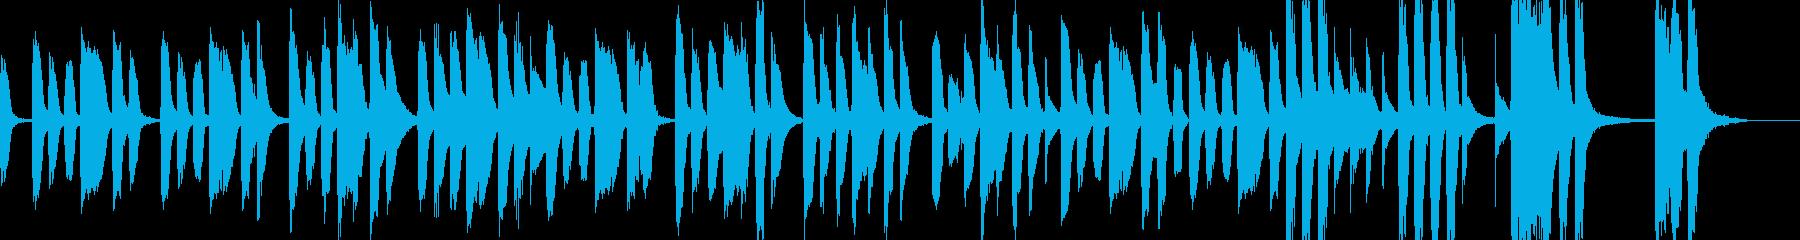 素朴な日常の再生済みの波形